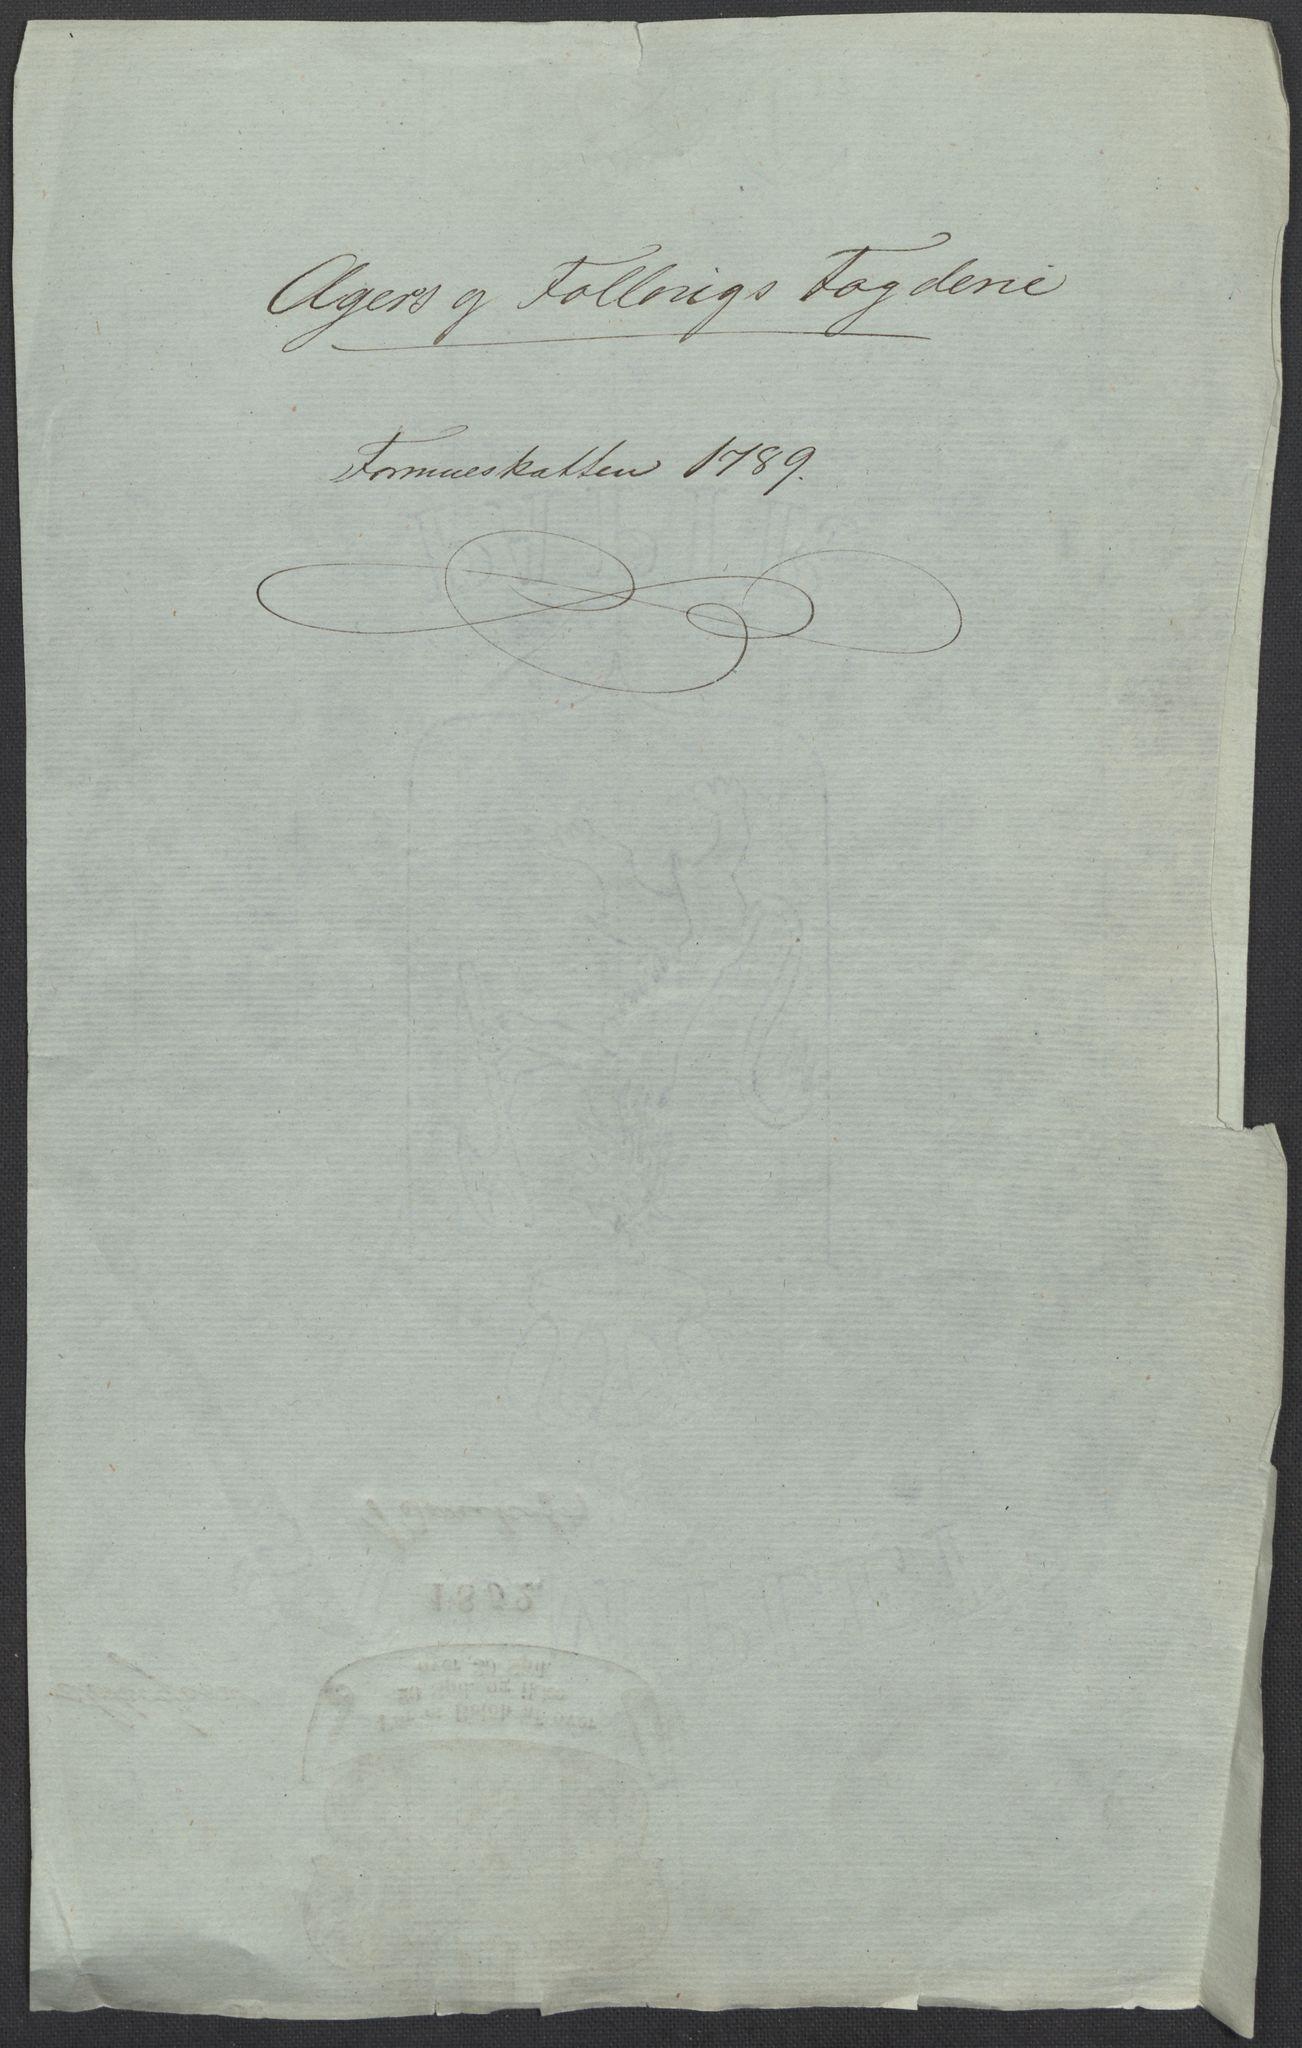 RA, Rentekammeret inntil 1814, Reviderte regnskaper, Mindre regnskaper, Rf/Rfe/L0001: Aker og Follo fogderi, 1789, s. 4